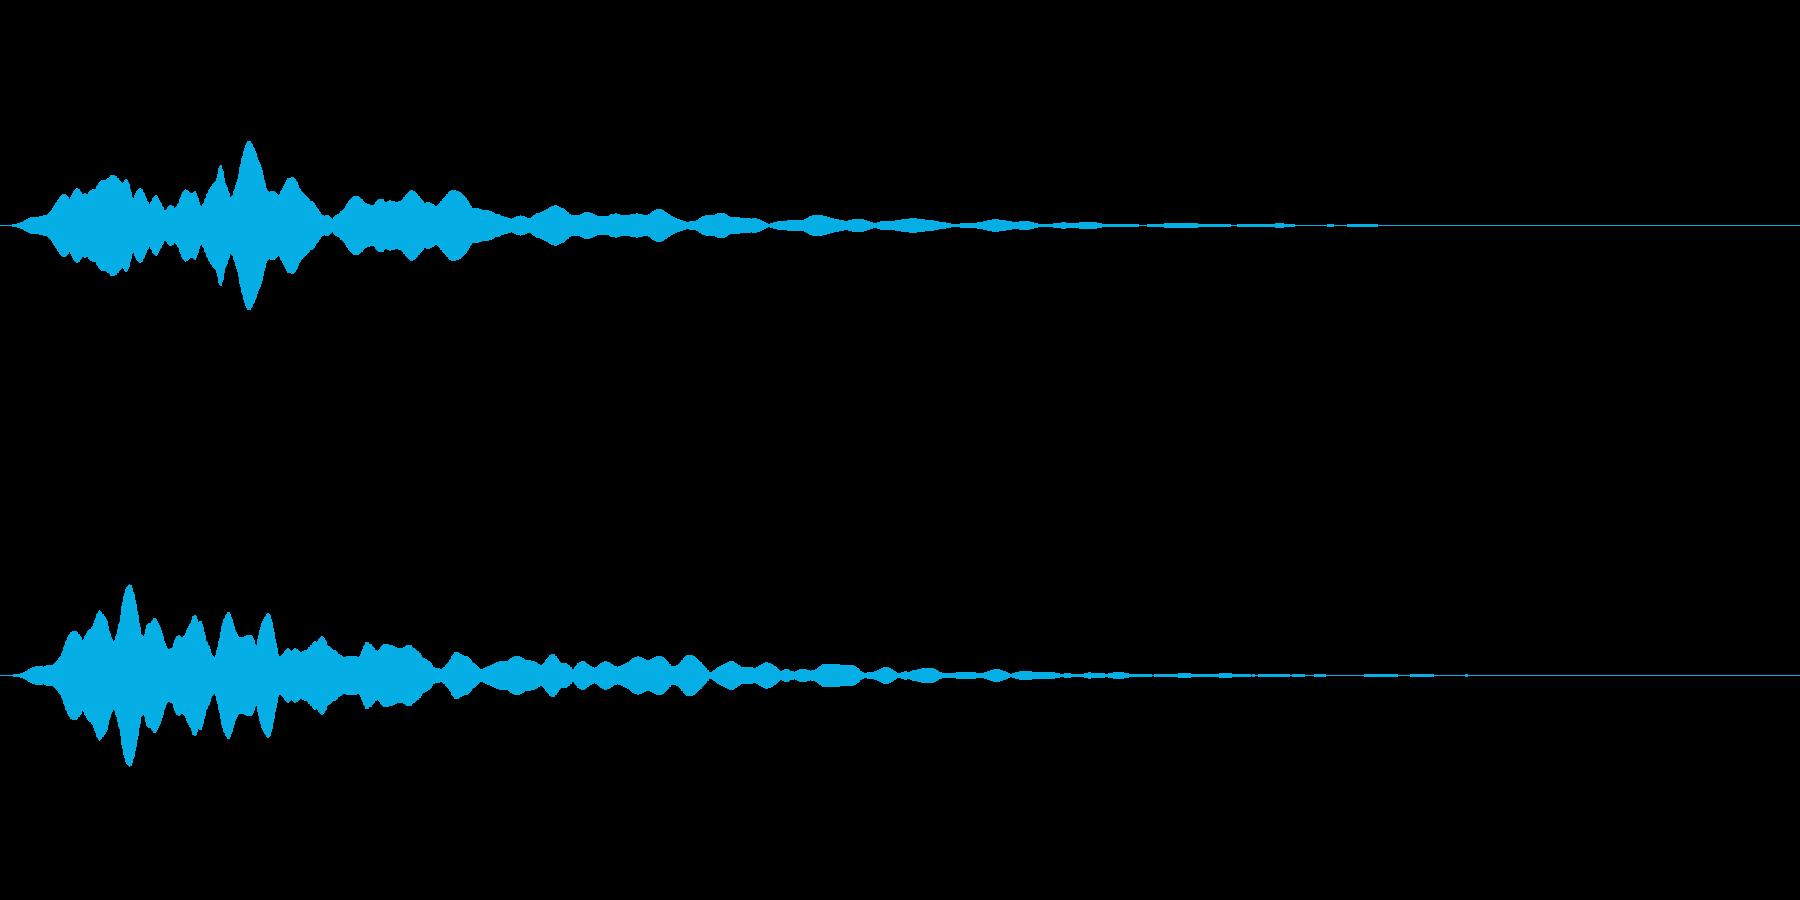 【パァー/ファー】シンセパッドの消失音の再生済みの波形